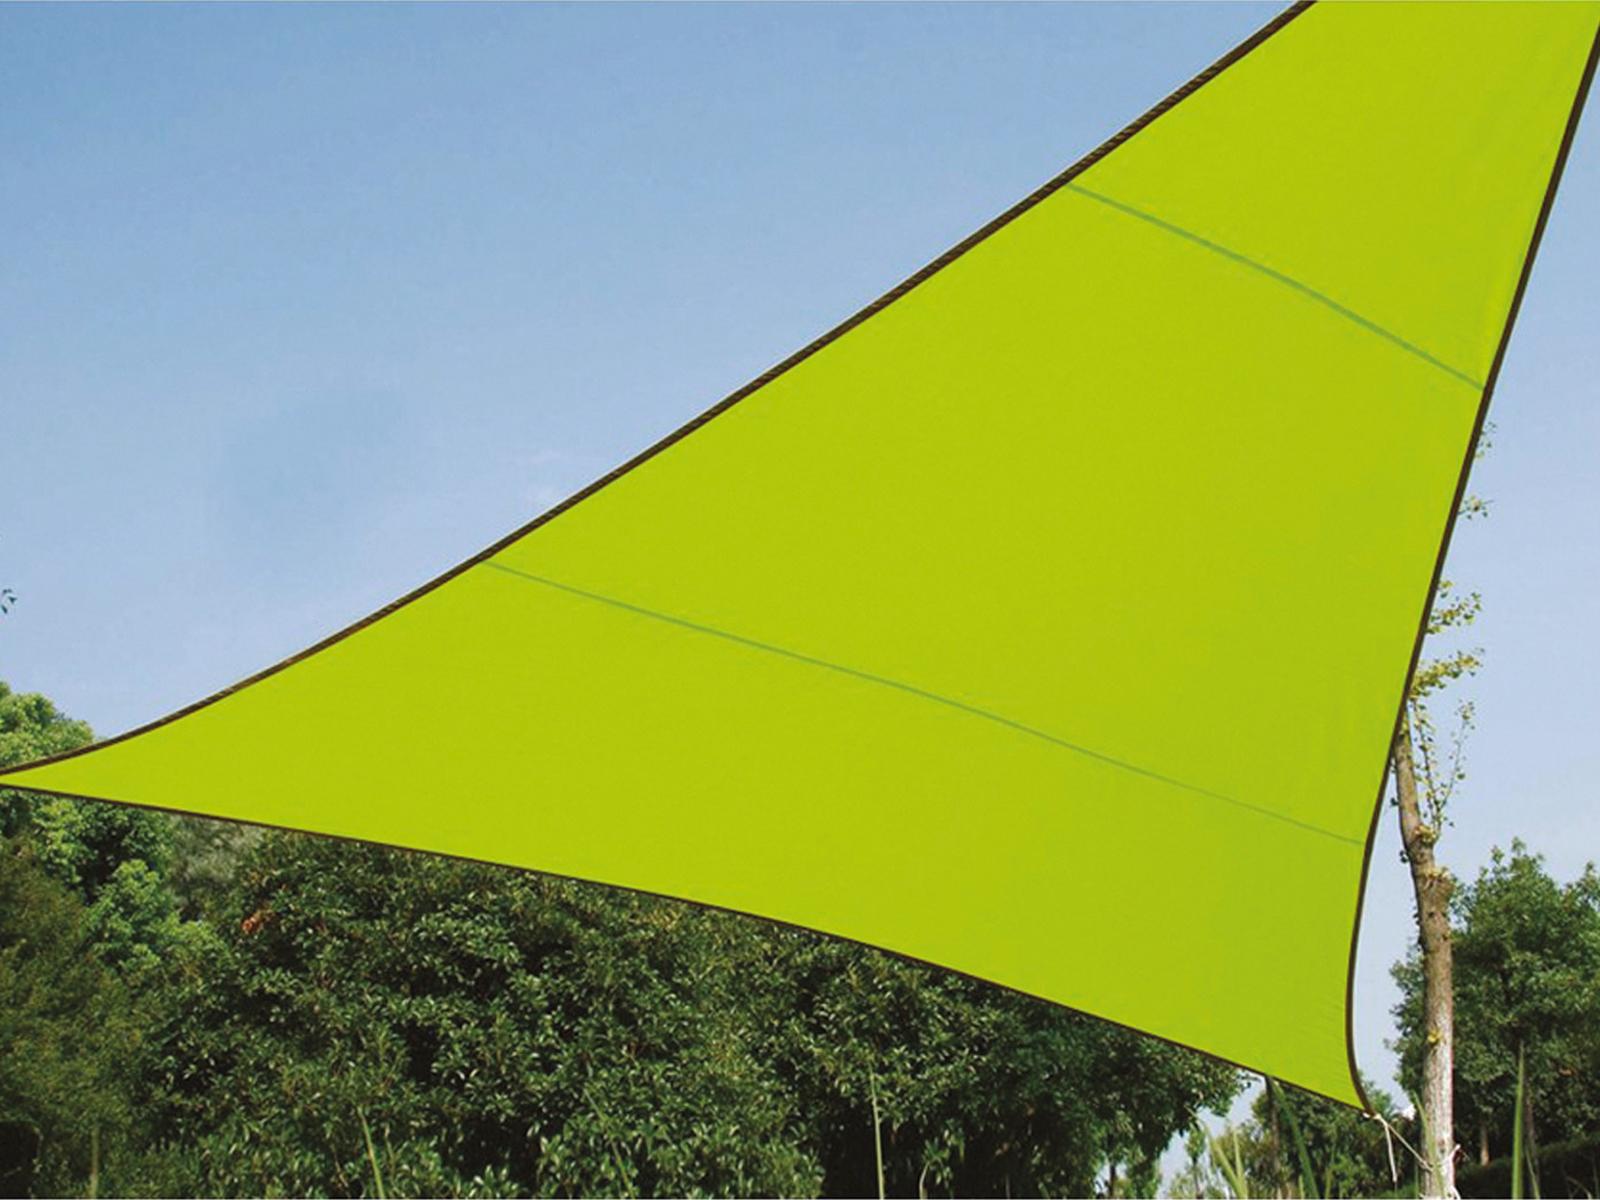 Amüsant Sonnenschutz Dachterrasse Dekoration Von Sonnensegel-dachterrasse-strand-sonnenschutz -terrassendach-regenschutz-camping